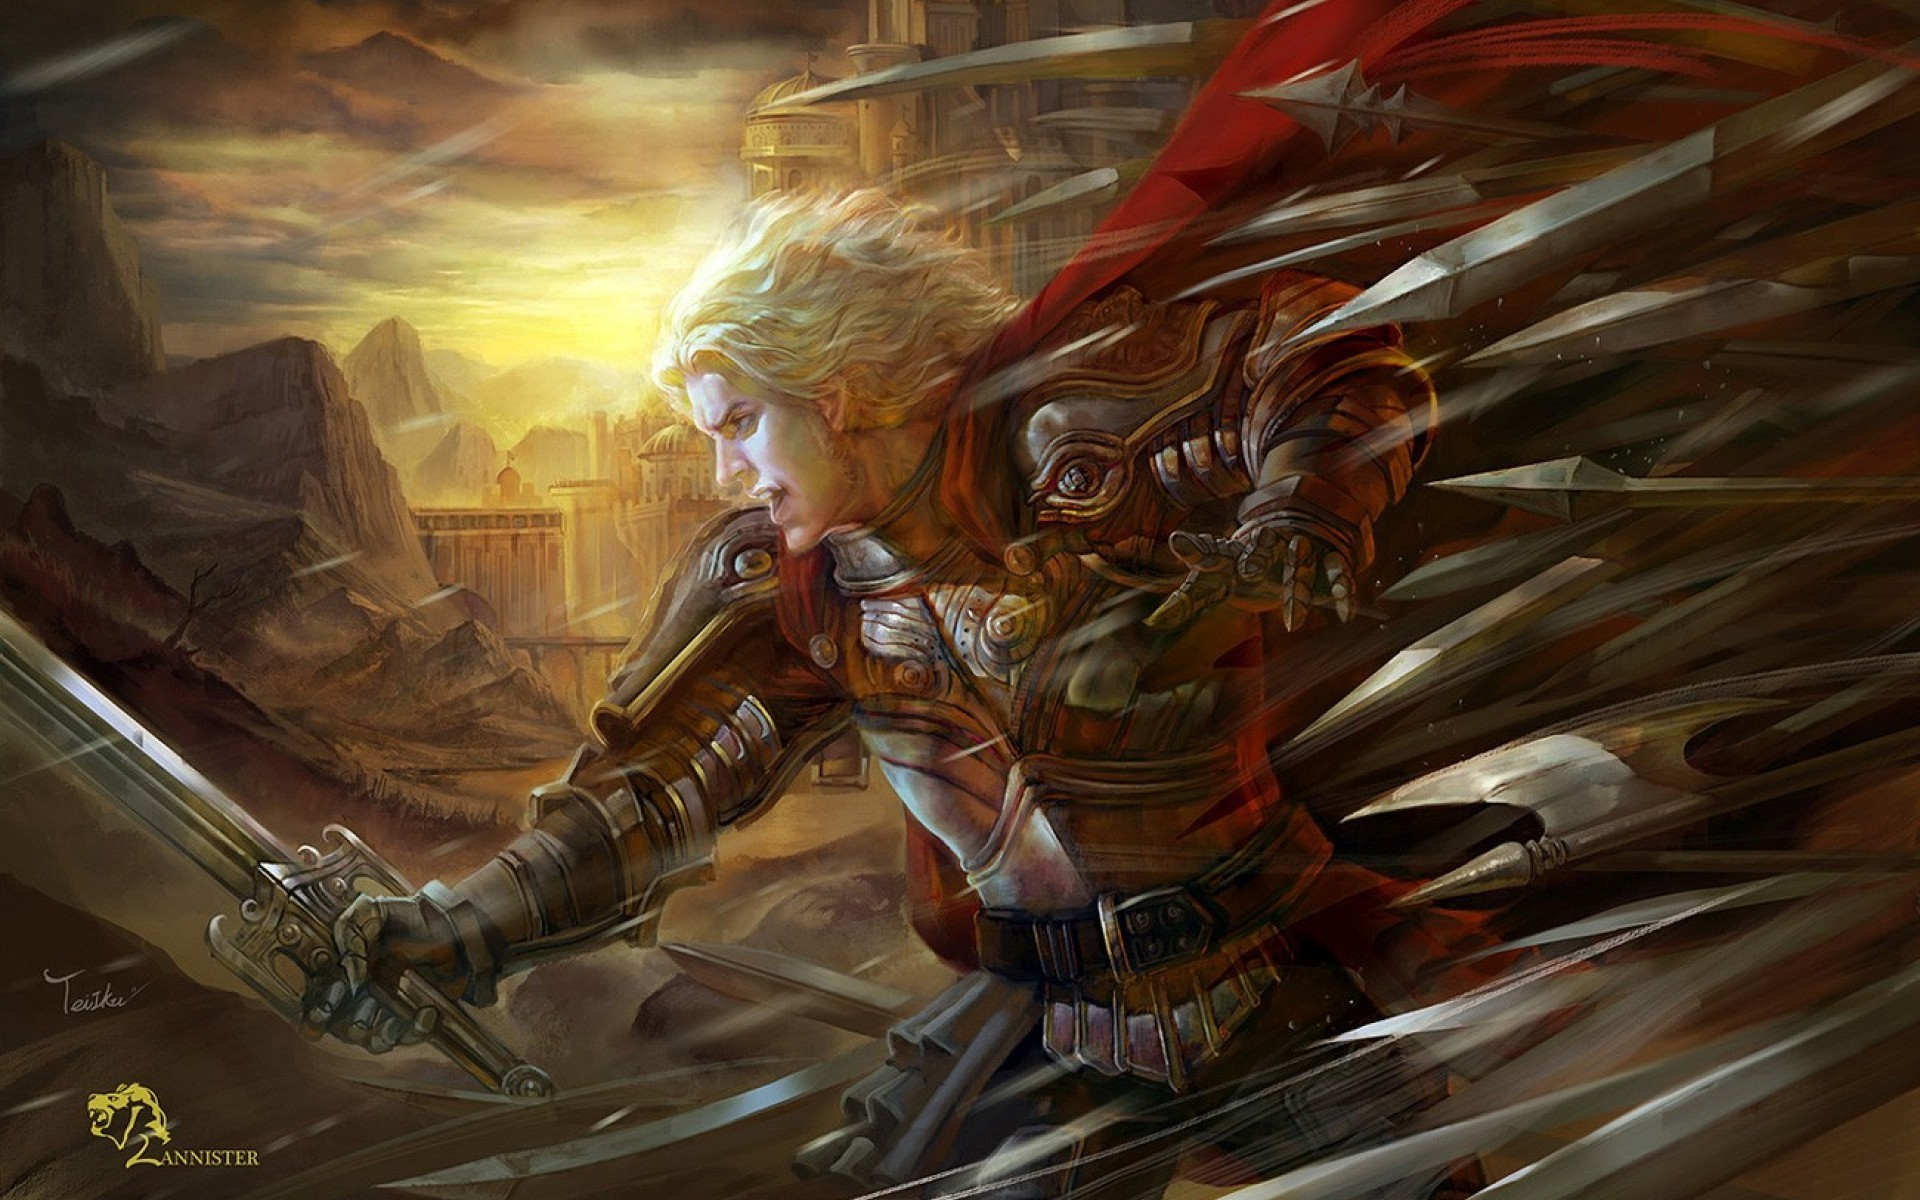 ... artwork Gam... Jaime Lannister Art Hand